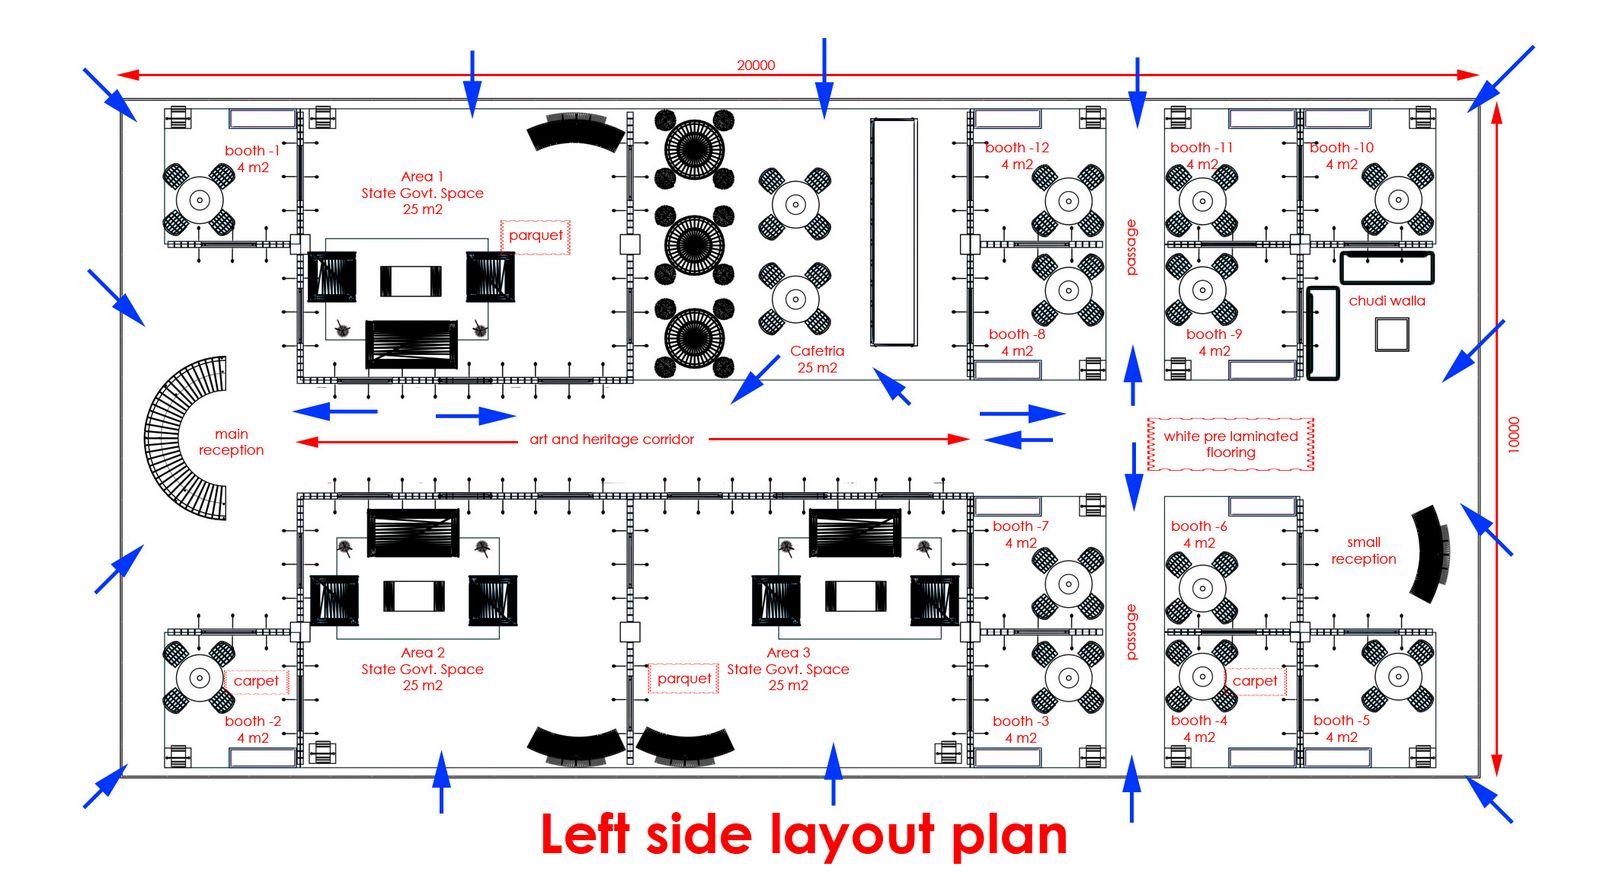 Exhibition Stand Plan : Gurooji design india pavillion exhibition stand atm